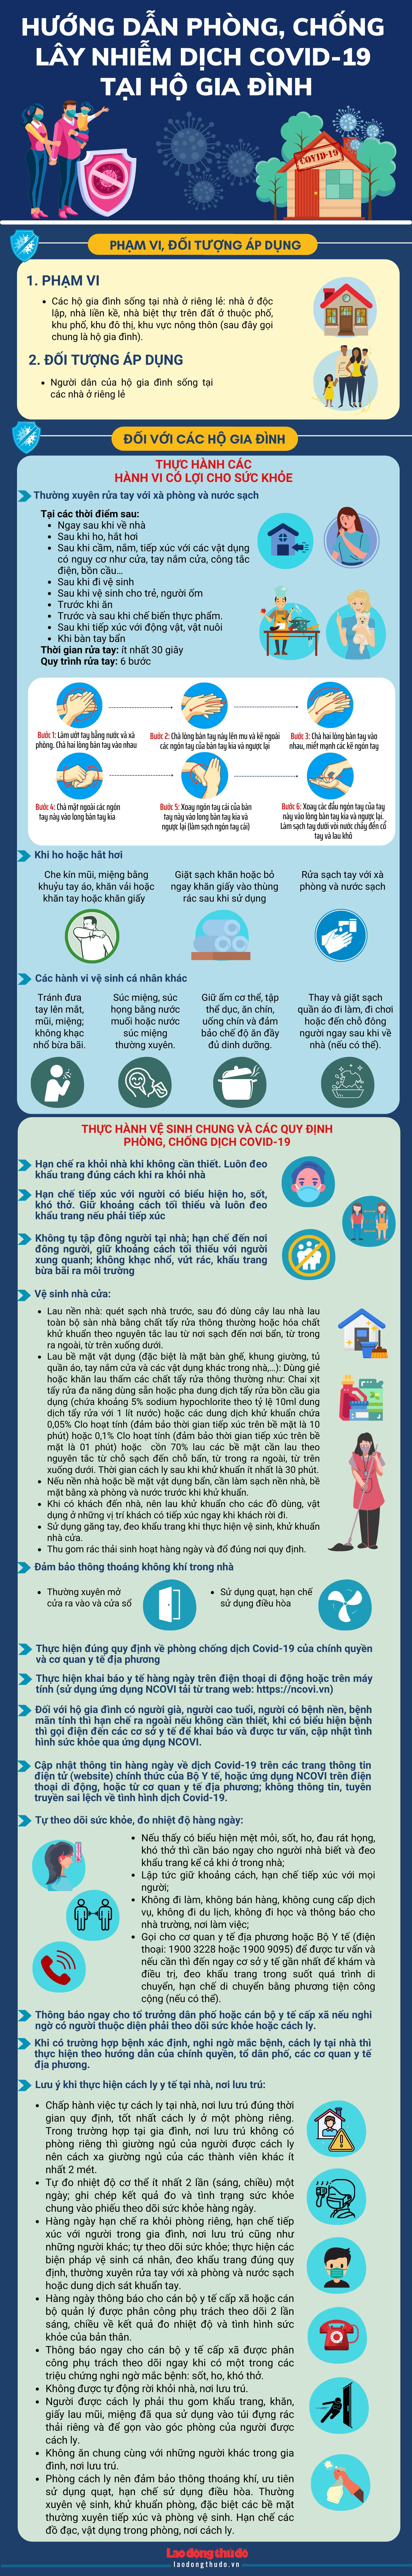 [Infographic] Hướng dẫn phòng, chống và đánh giá nguy cơ lây nhiễm dịch Covid-19 tại hộ gia đình